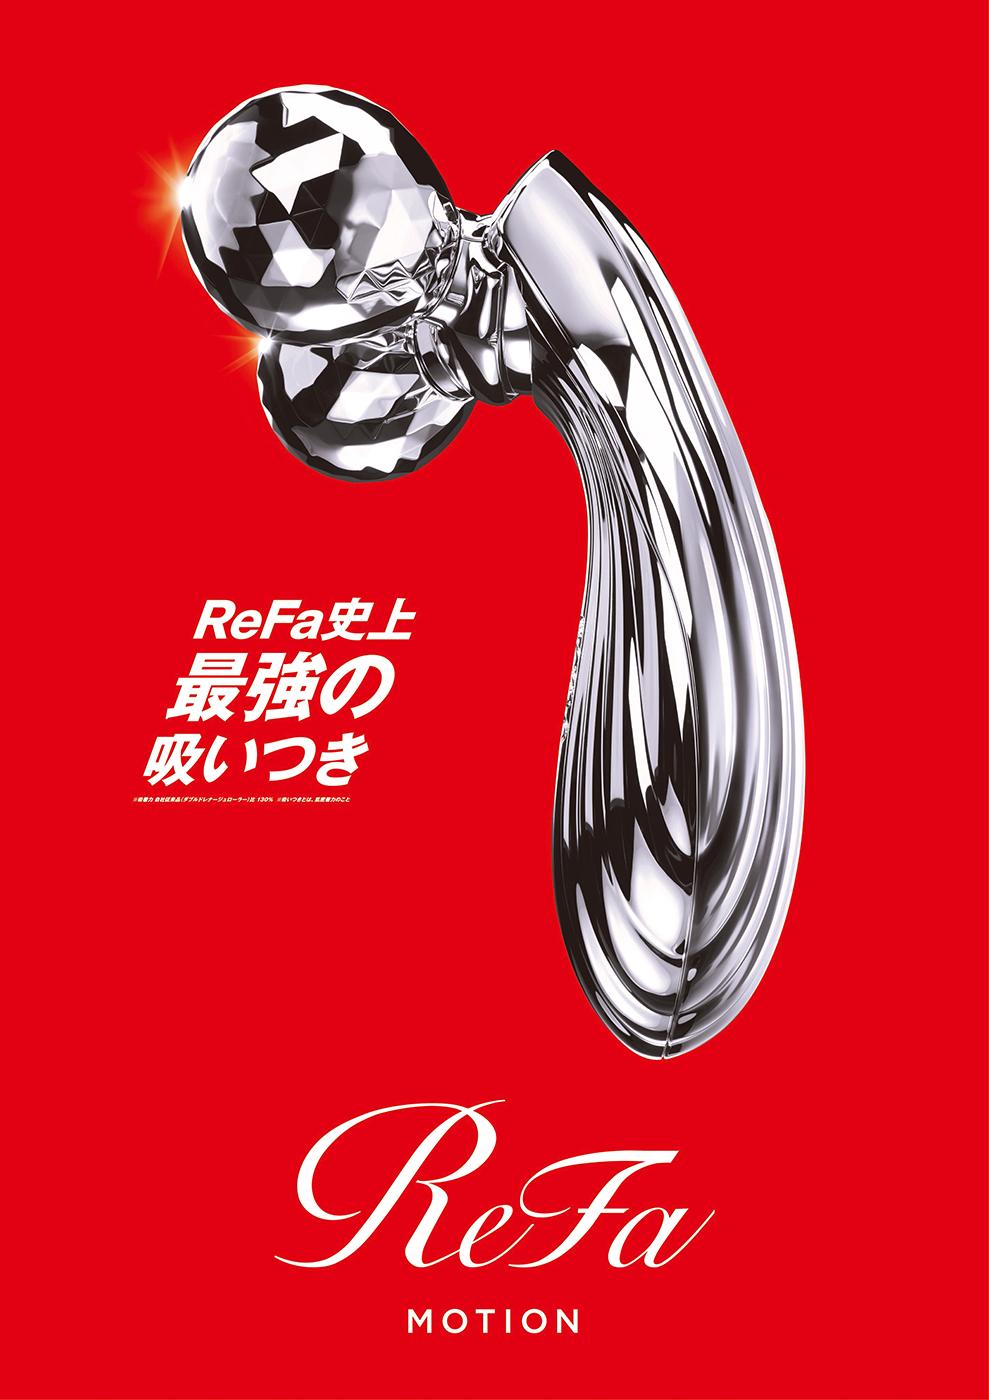 可動式ローラーで肌密着力を高めるReFa MOTION CARAT, ReFa MOTION PRO発売。発売を記念し、ReFa MOTION キャンペーンとイベントを実施します。